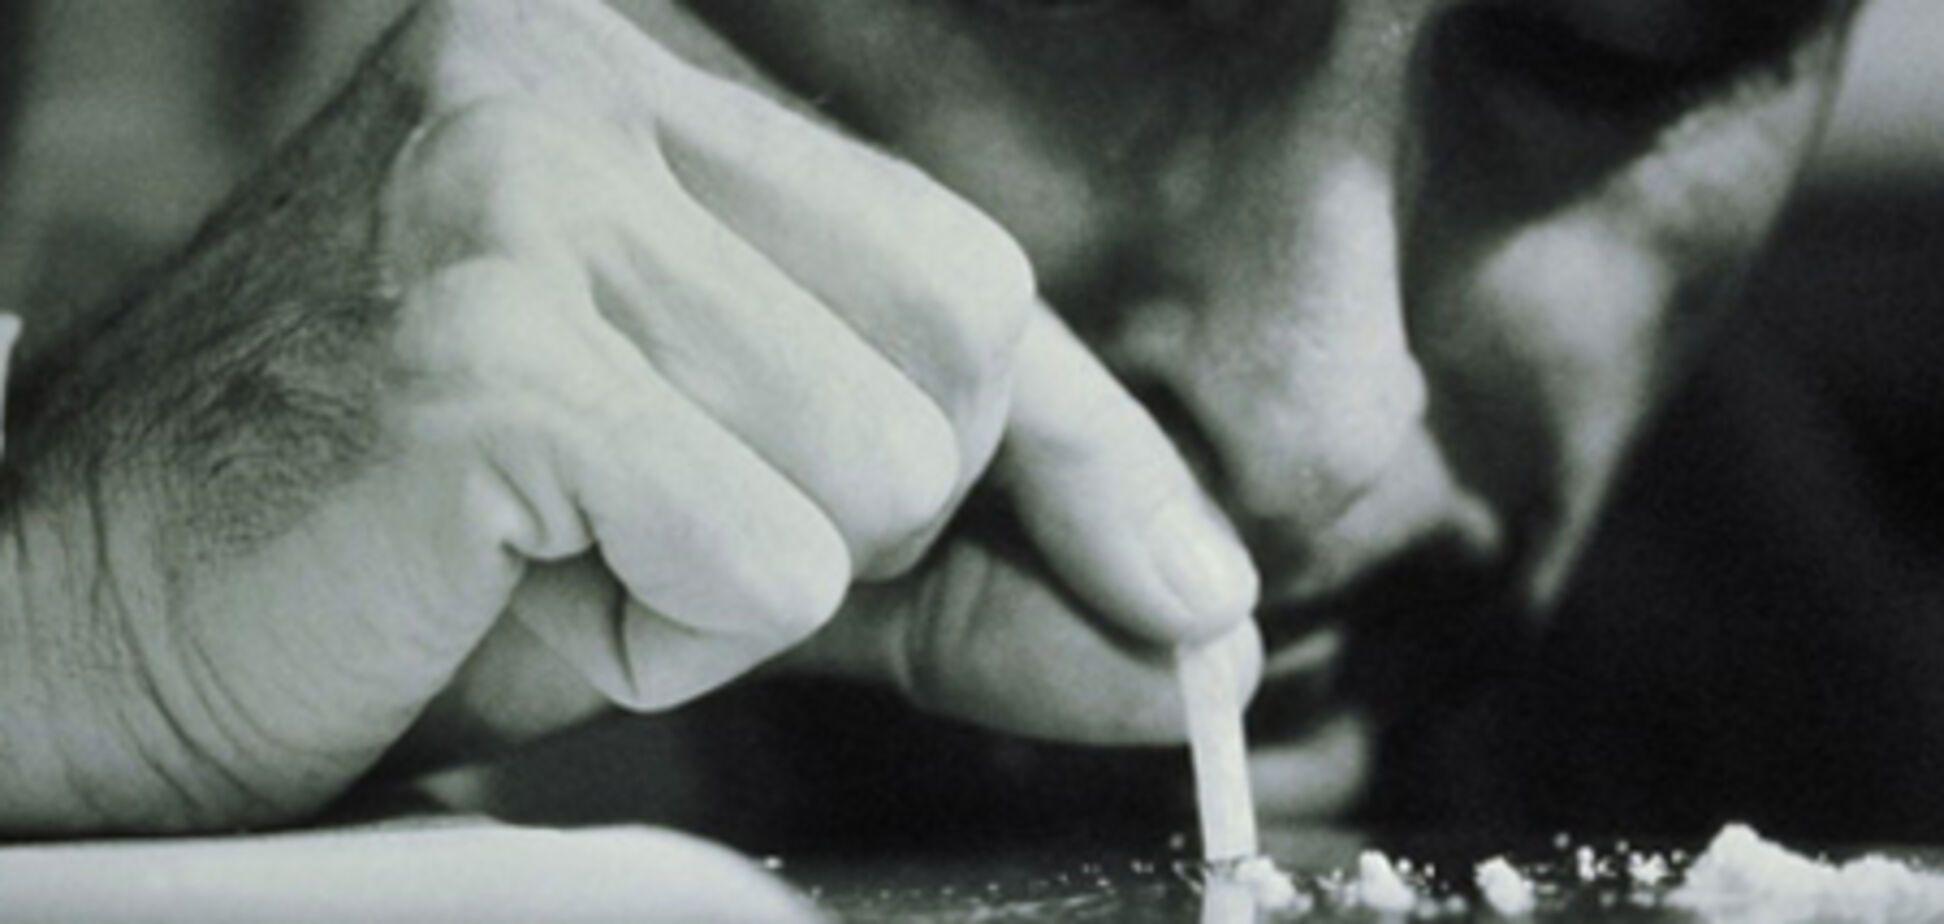 Борца с наркоманией судят за принудительное лечение